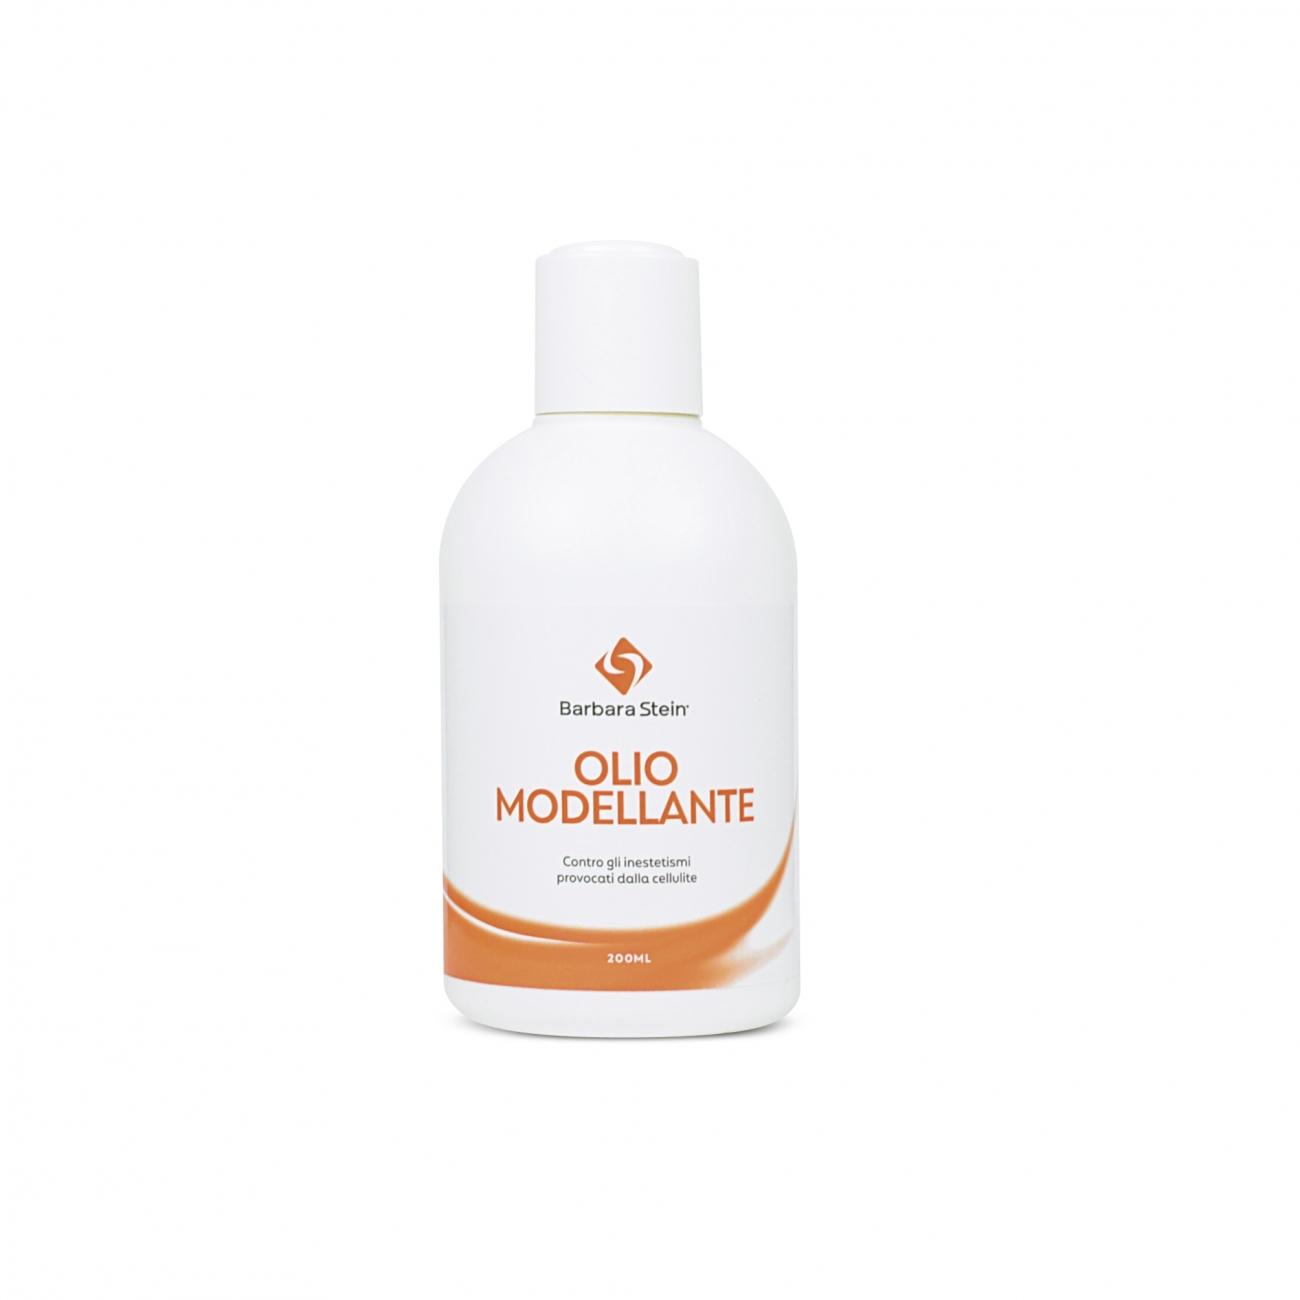 OLIO MODELLANTE (200 ml)